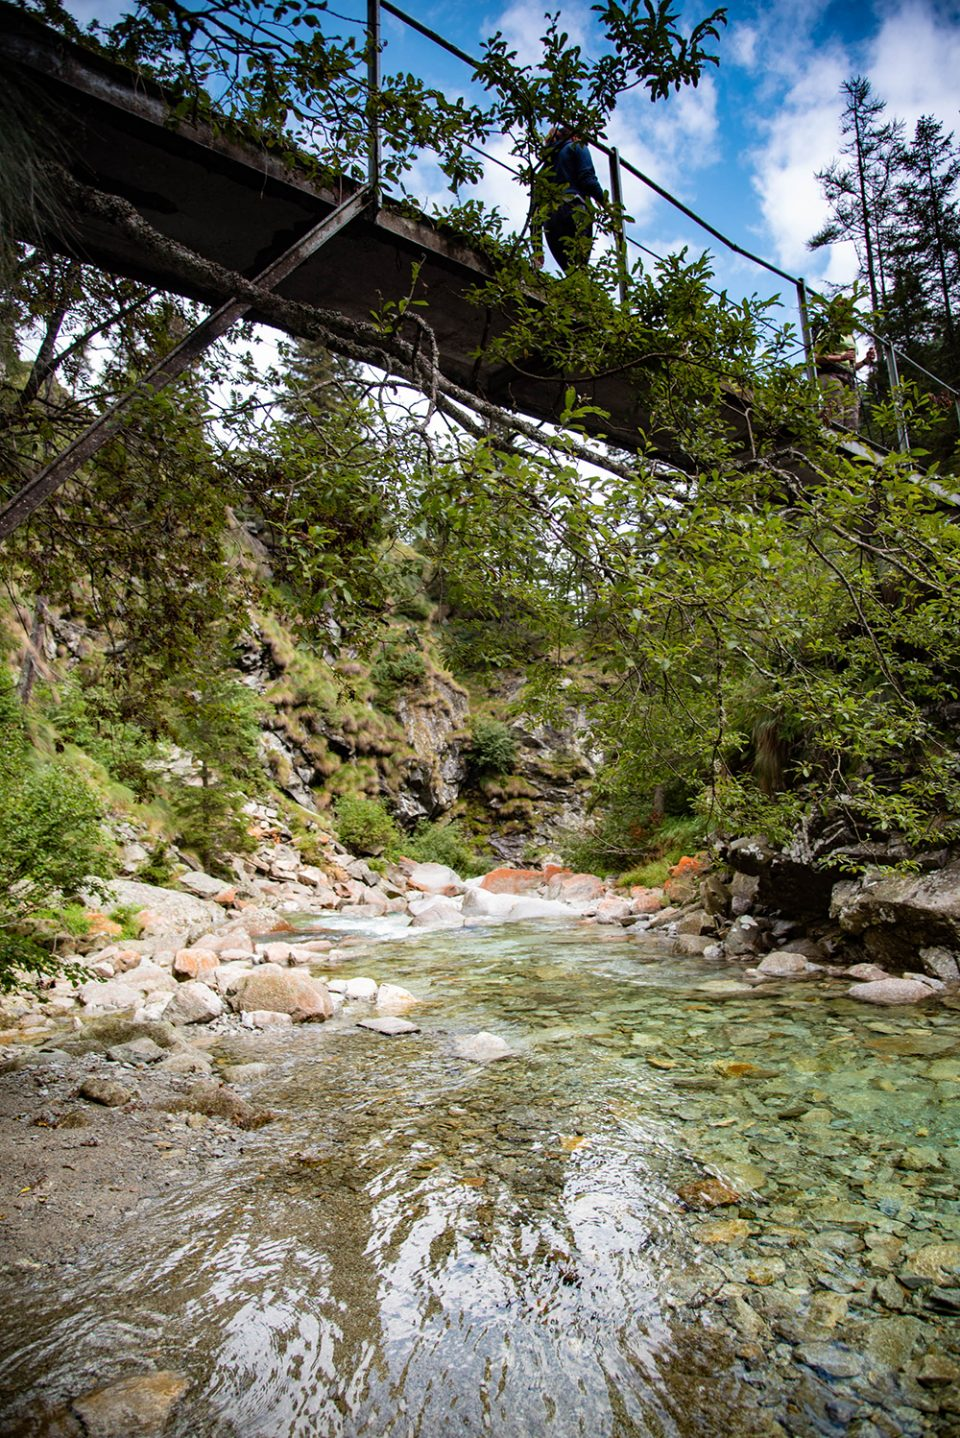 valle antrona - fiume lago di antrona - campliccioli - escursione - valle antrona